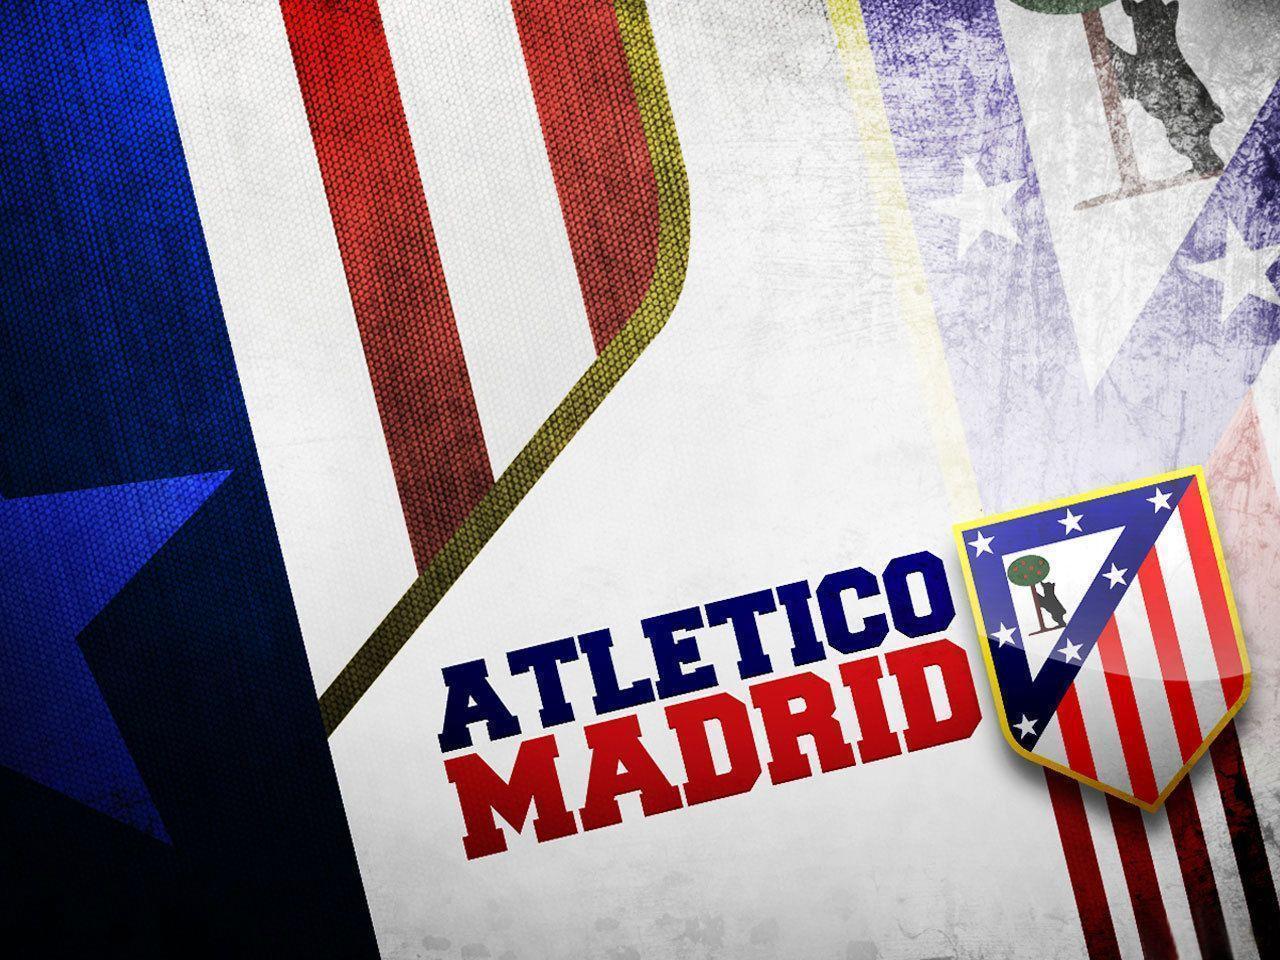 Atletico de Madrid Wallpaper - WallpaperSafari